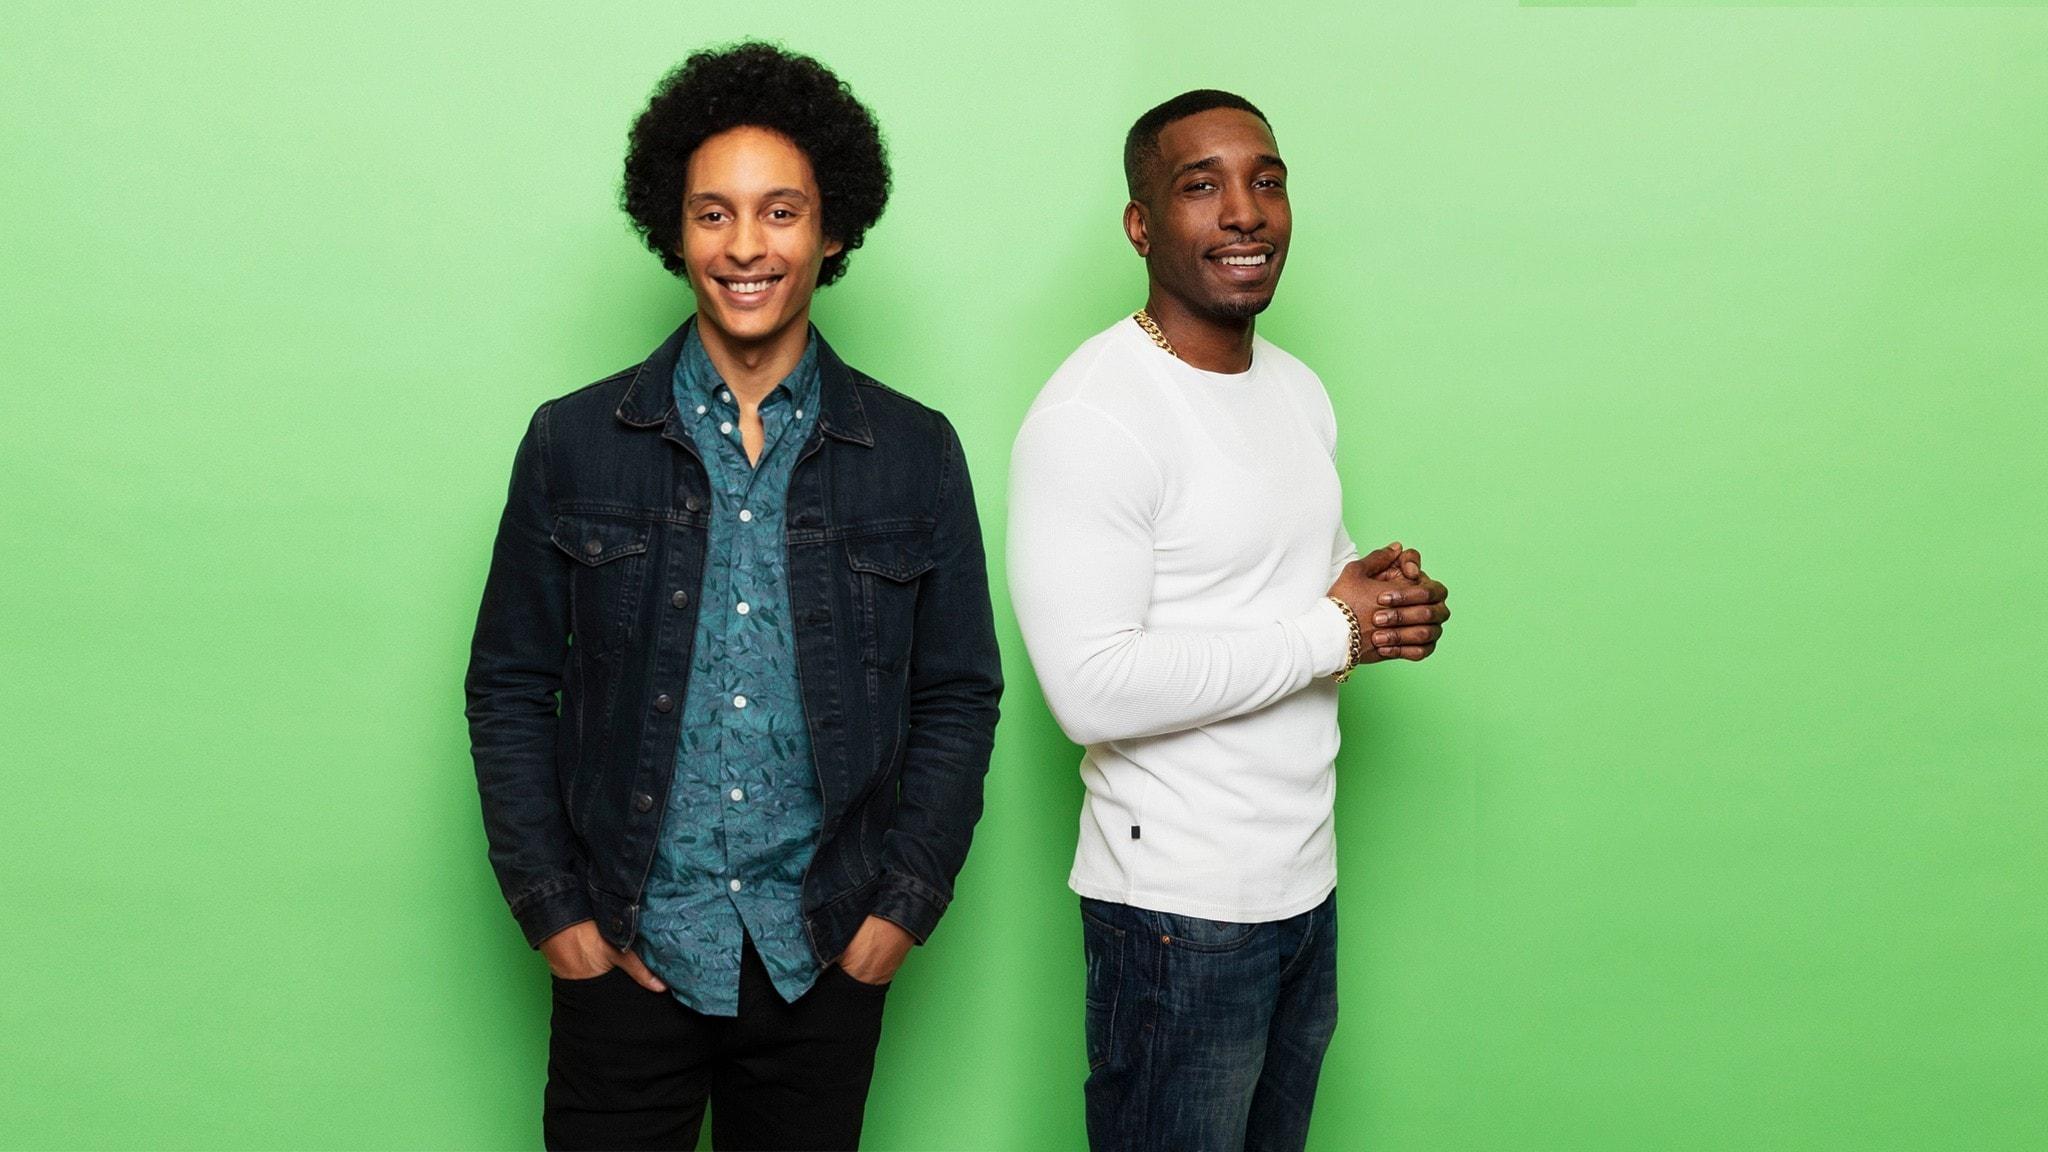 Victor Linnér och Ison Glasgow står framför en ljusgrön fondvägg och ler. Viktor har jeansskjorta och Ison har en vit tröja.